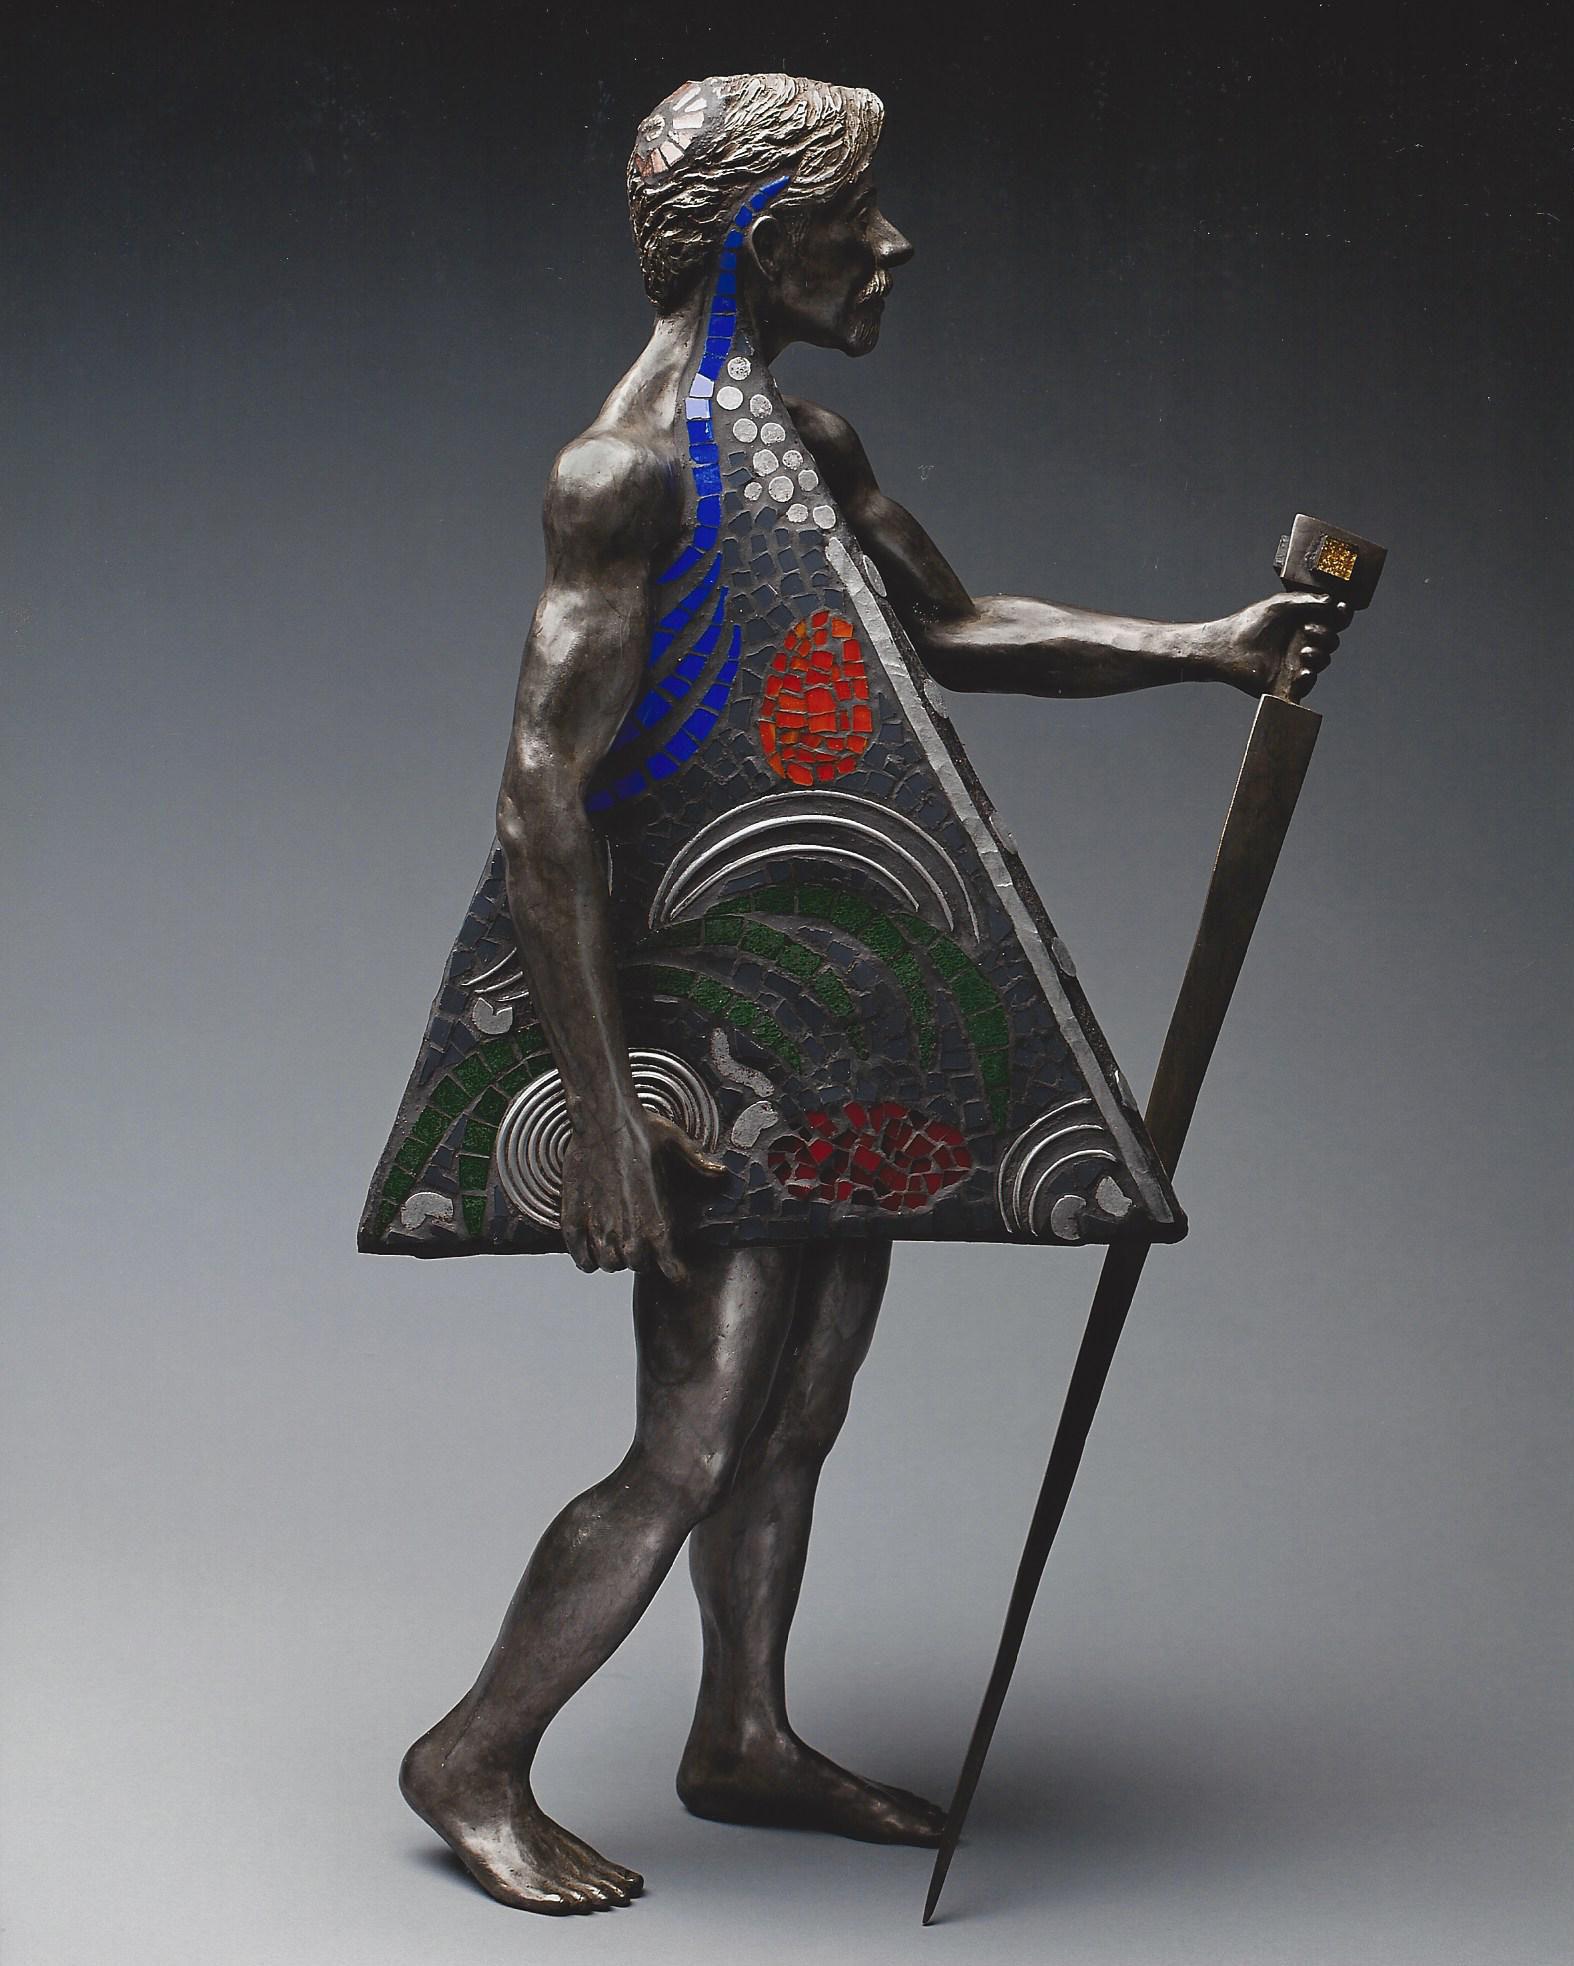 Regal Splendor - bronze